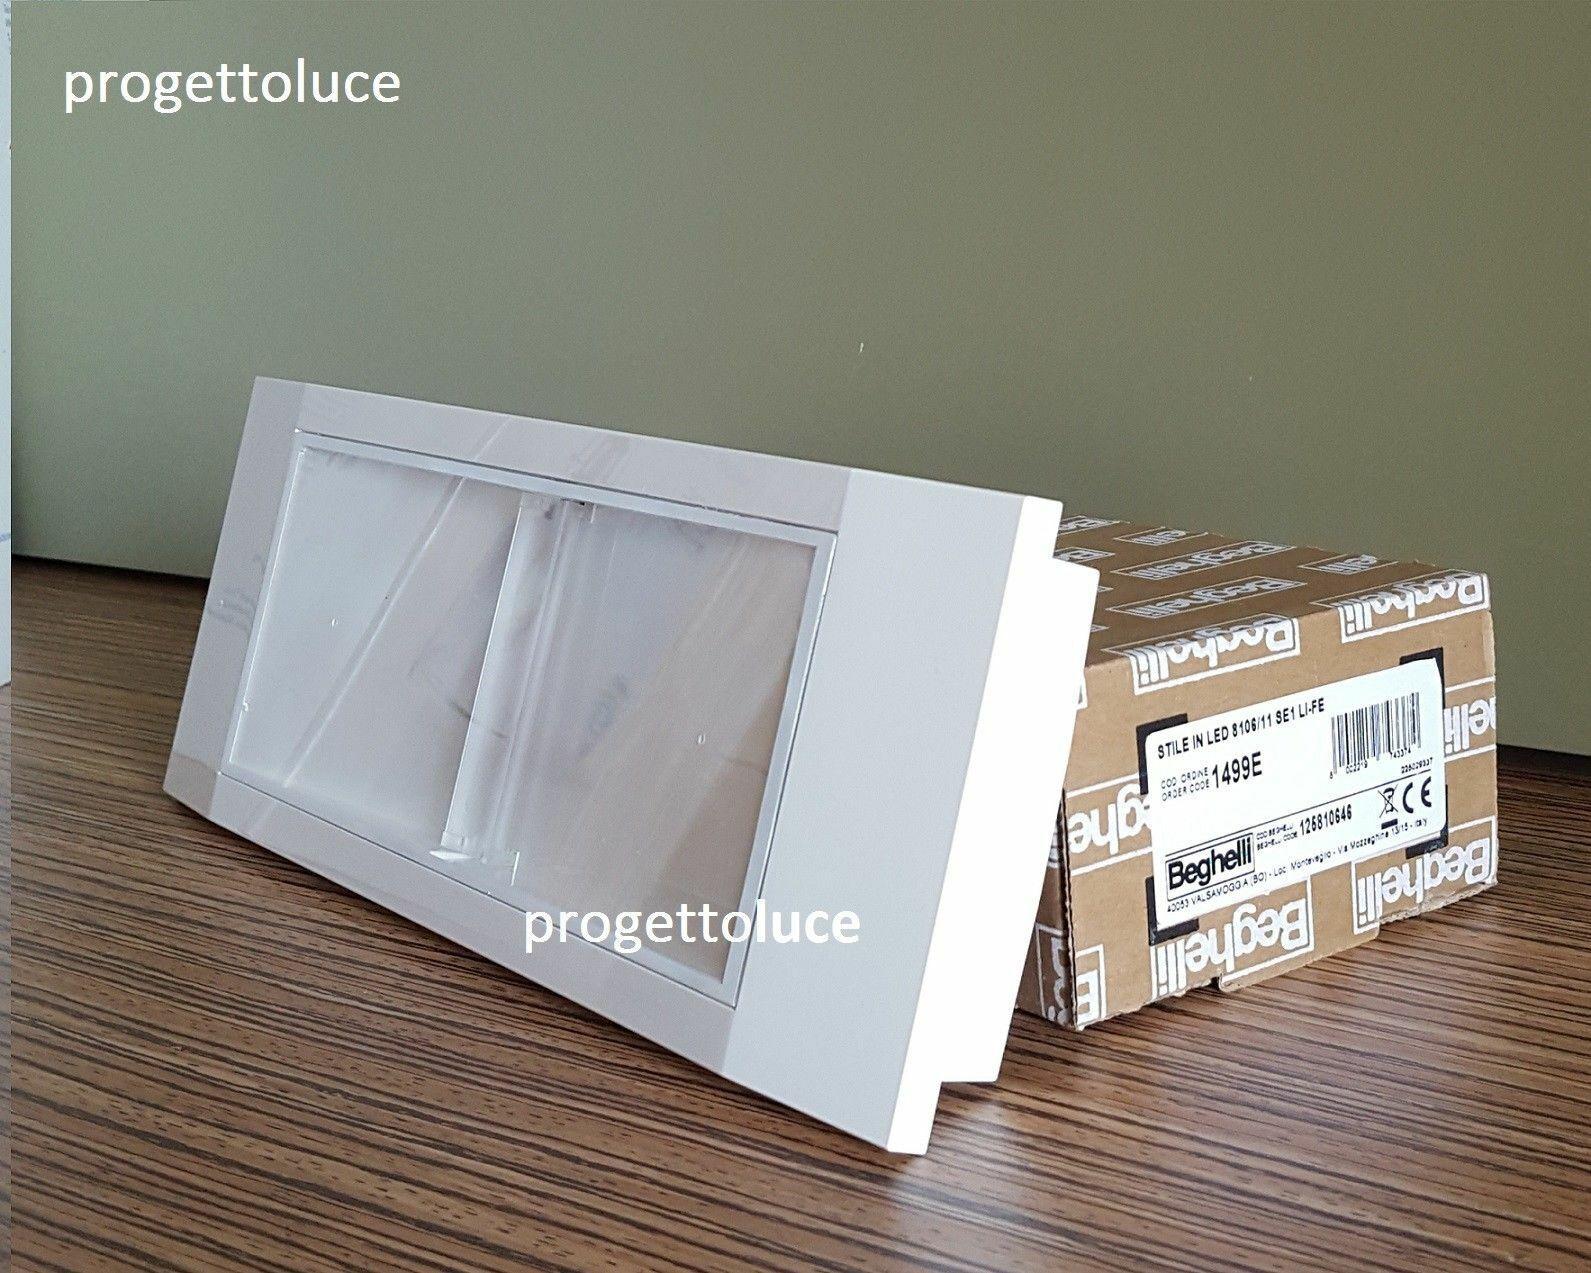 Plafoniere Con Luce Emergenza : Plafoniere beghelli led bello lampade stagne idee di design per